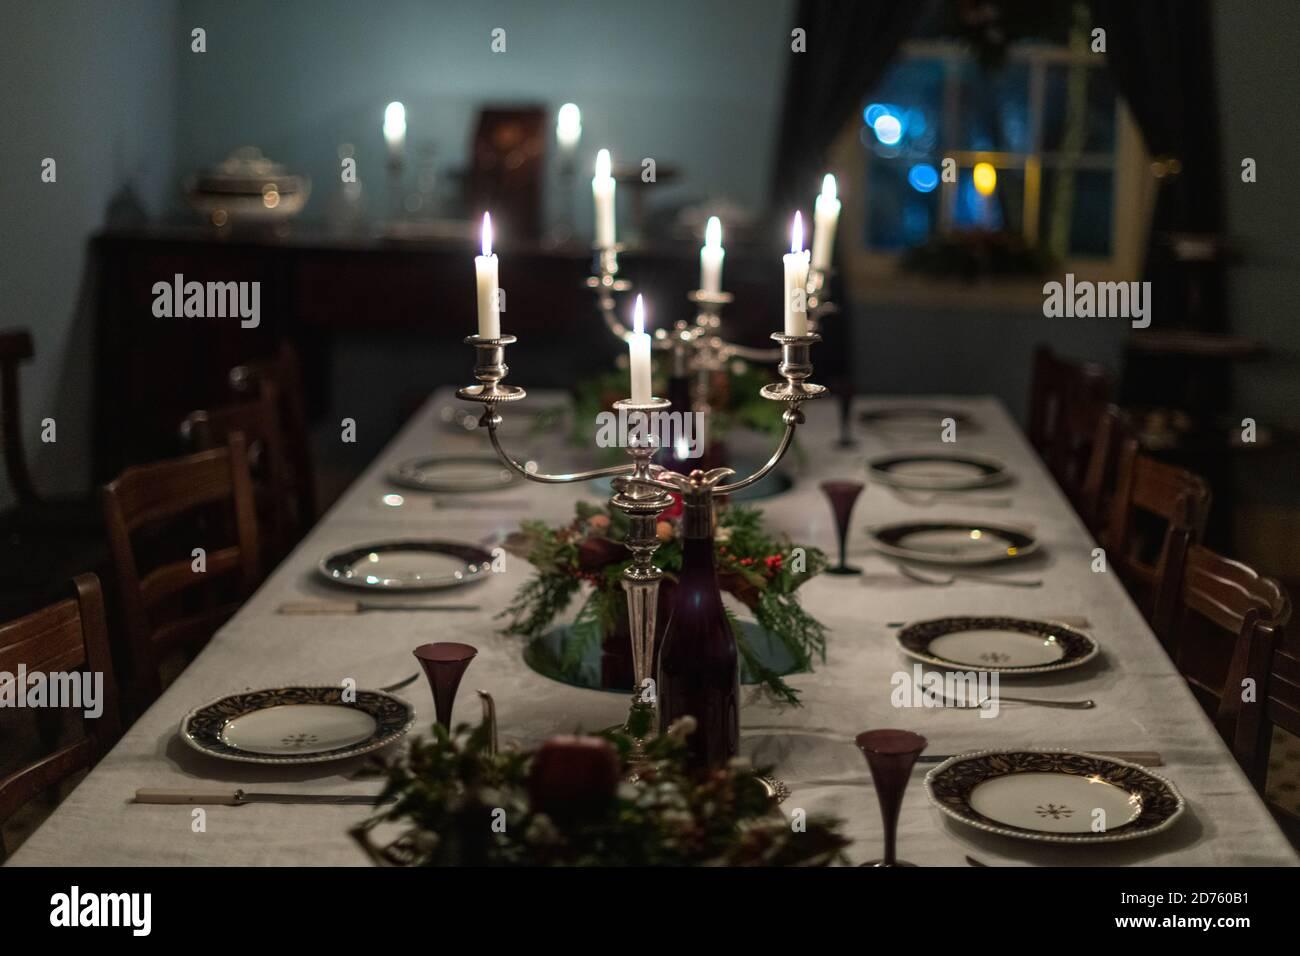 Una mesa de comedor formal romántico y oscuro con platos de porcelana vintage, candelabros de plata con velas encendidas blancas, un mantel blanco, floral Foto de stock